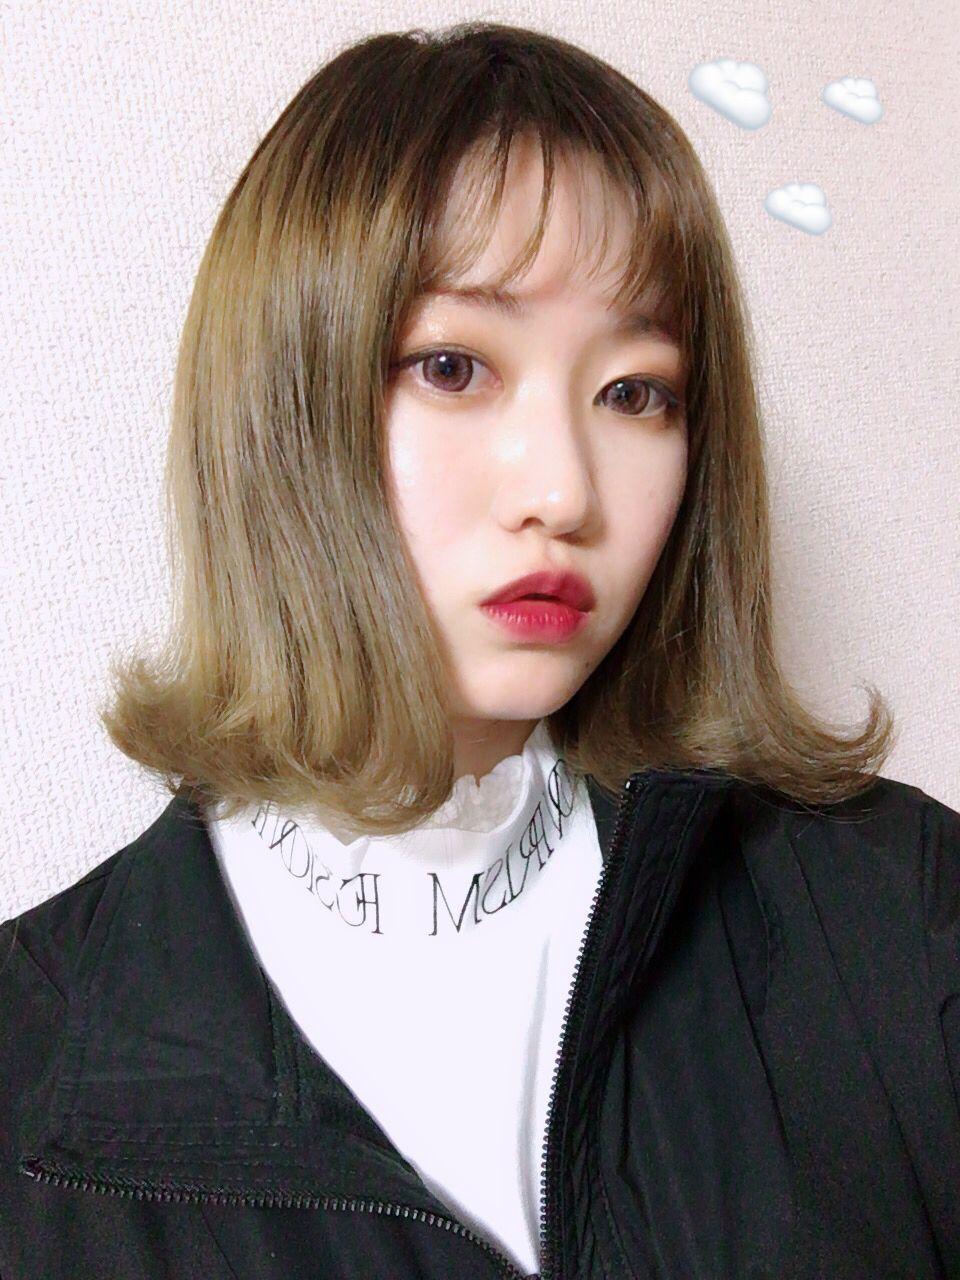 단발머리 머리 헤어스타일 ヘアスタイル 髪型 タンバルモリ